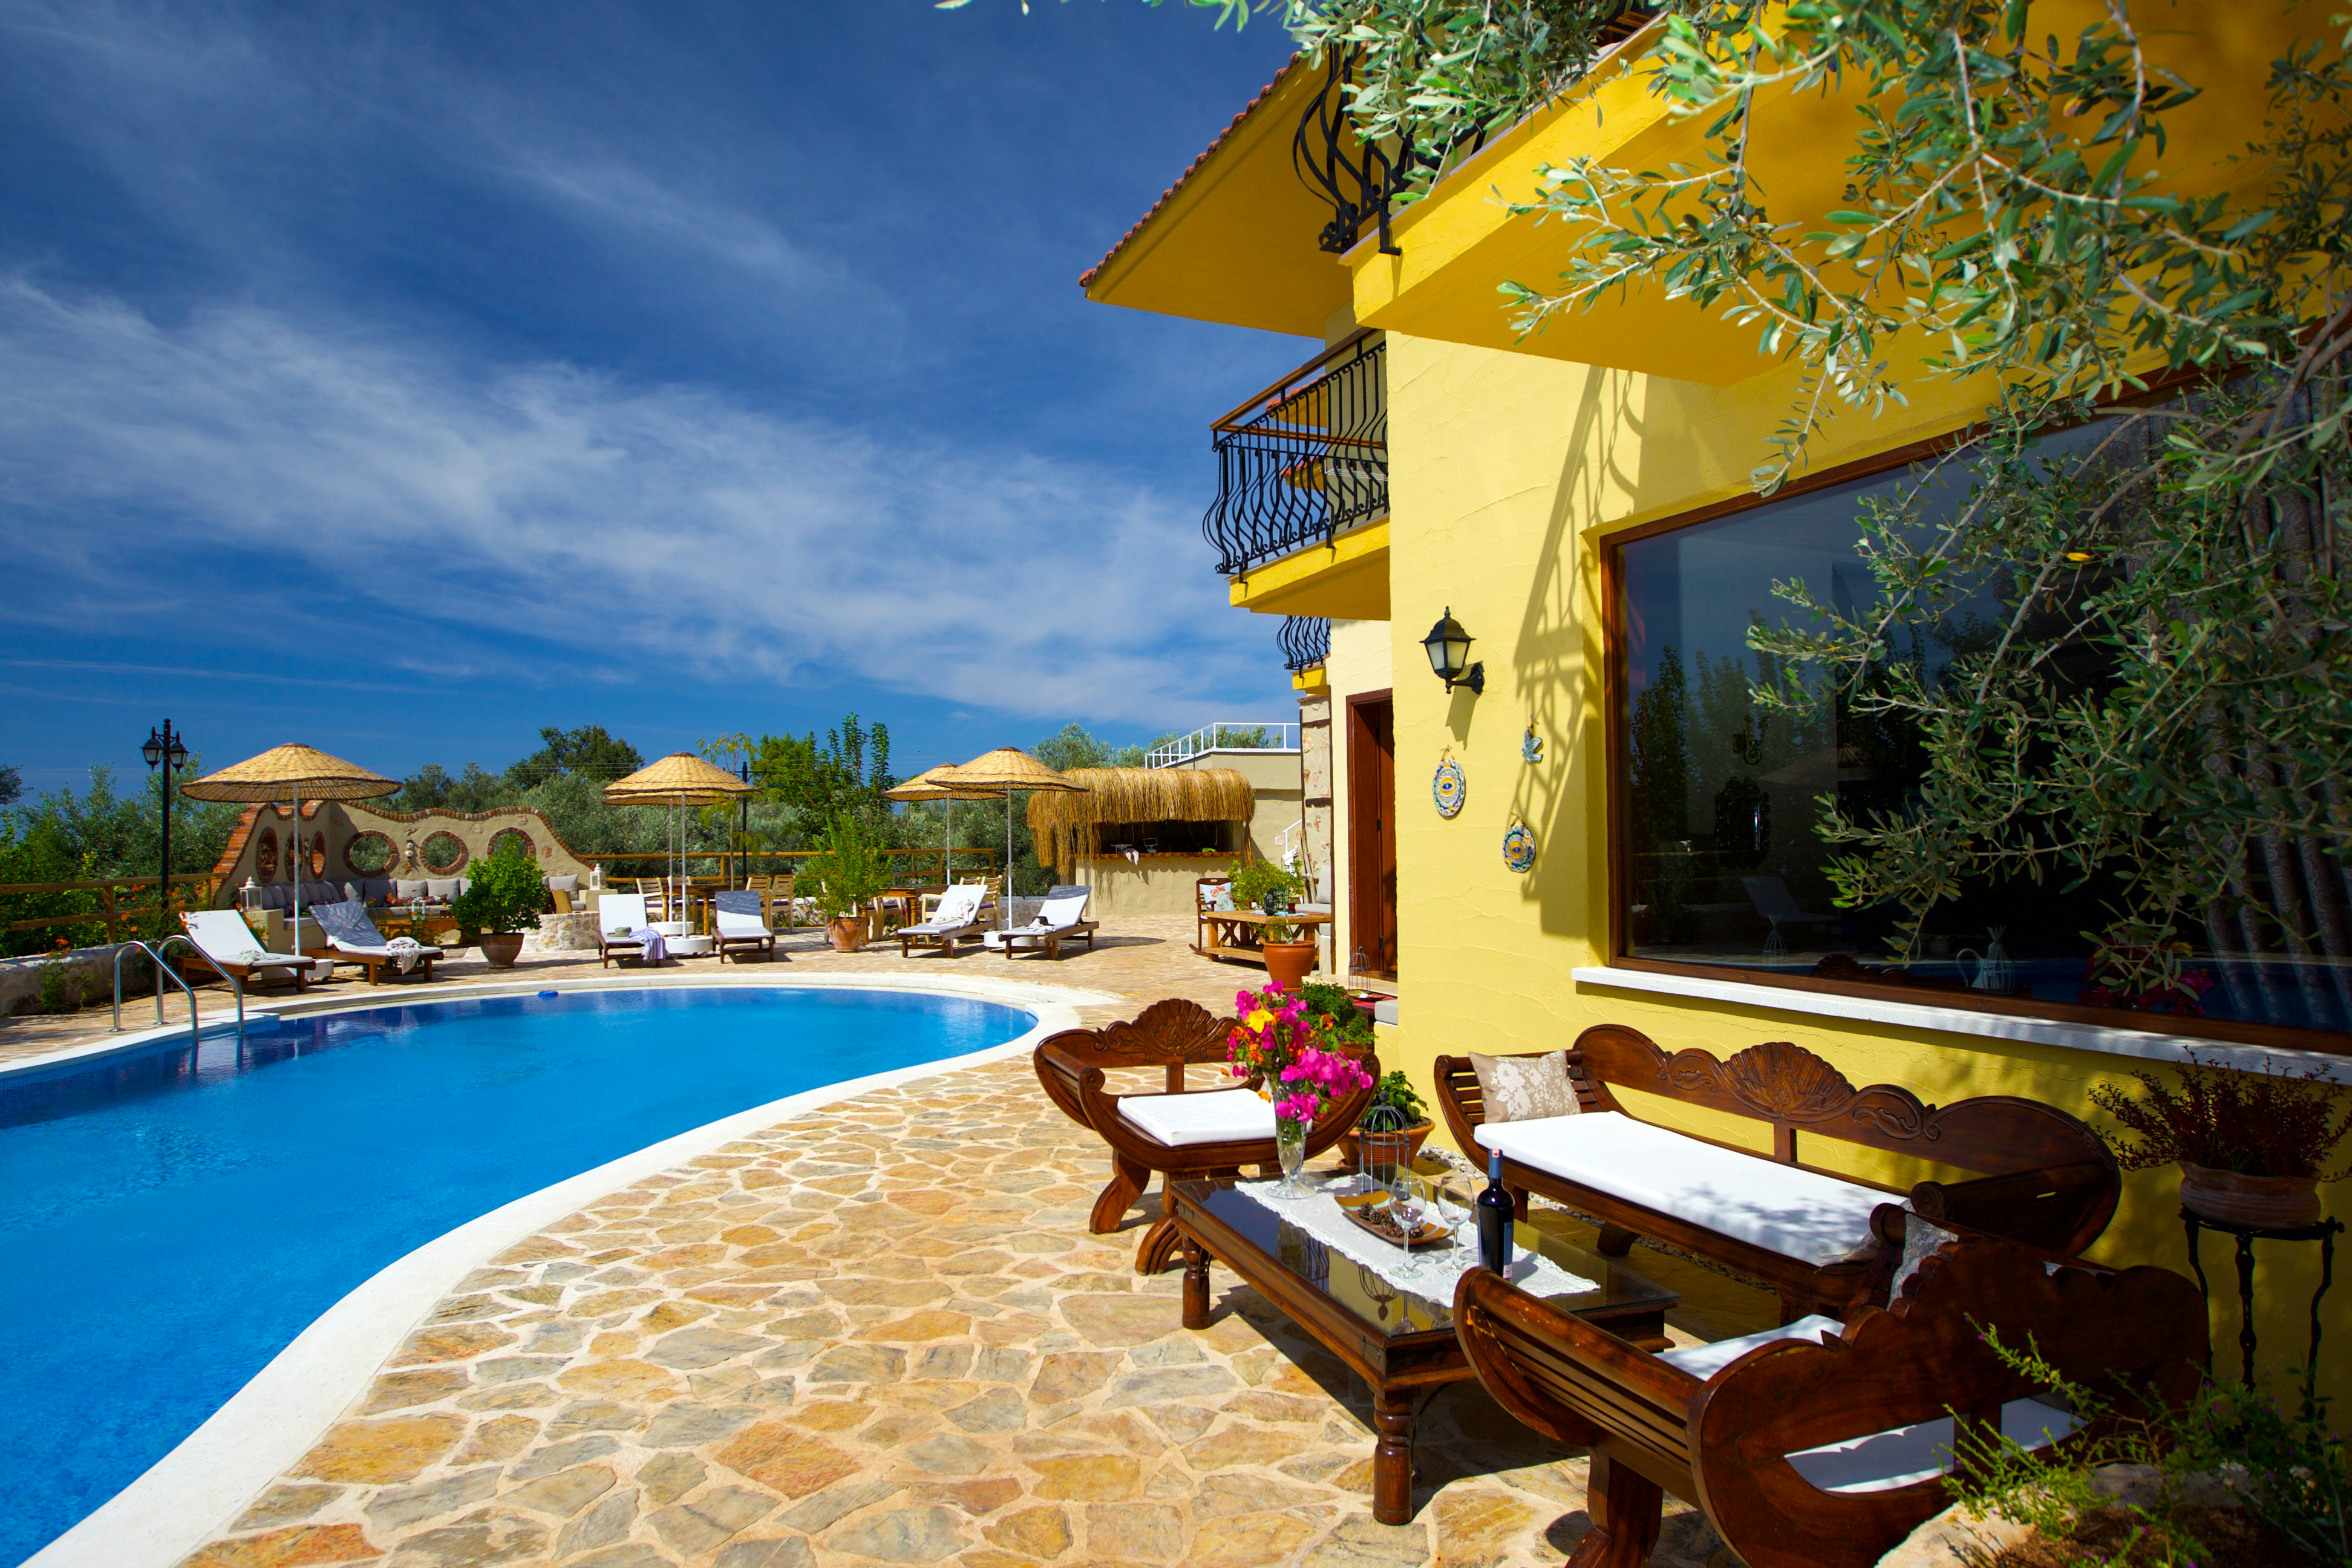 Appartement de vacances Luxuriöse Unterkunft und persönliches Ambiente in unzerstörter Natur. (2636883), Fethiye, , Région Egéenne, Turquie, image 2